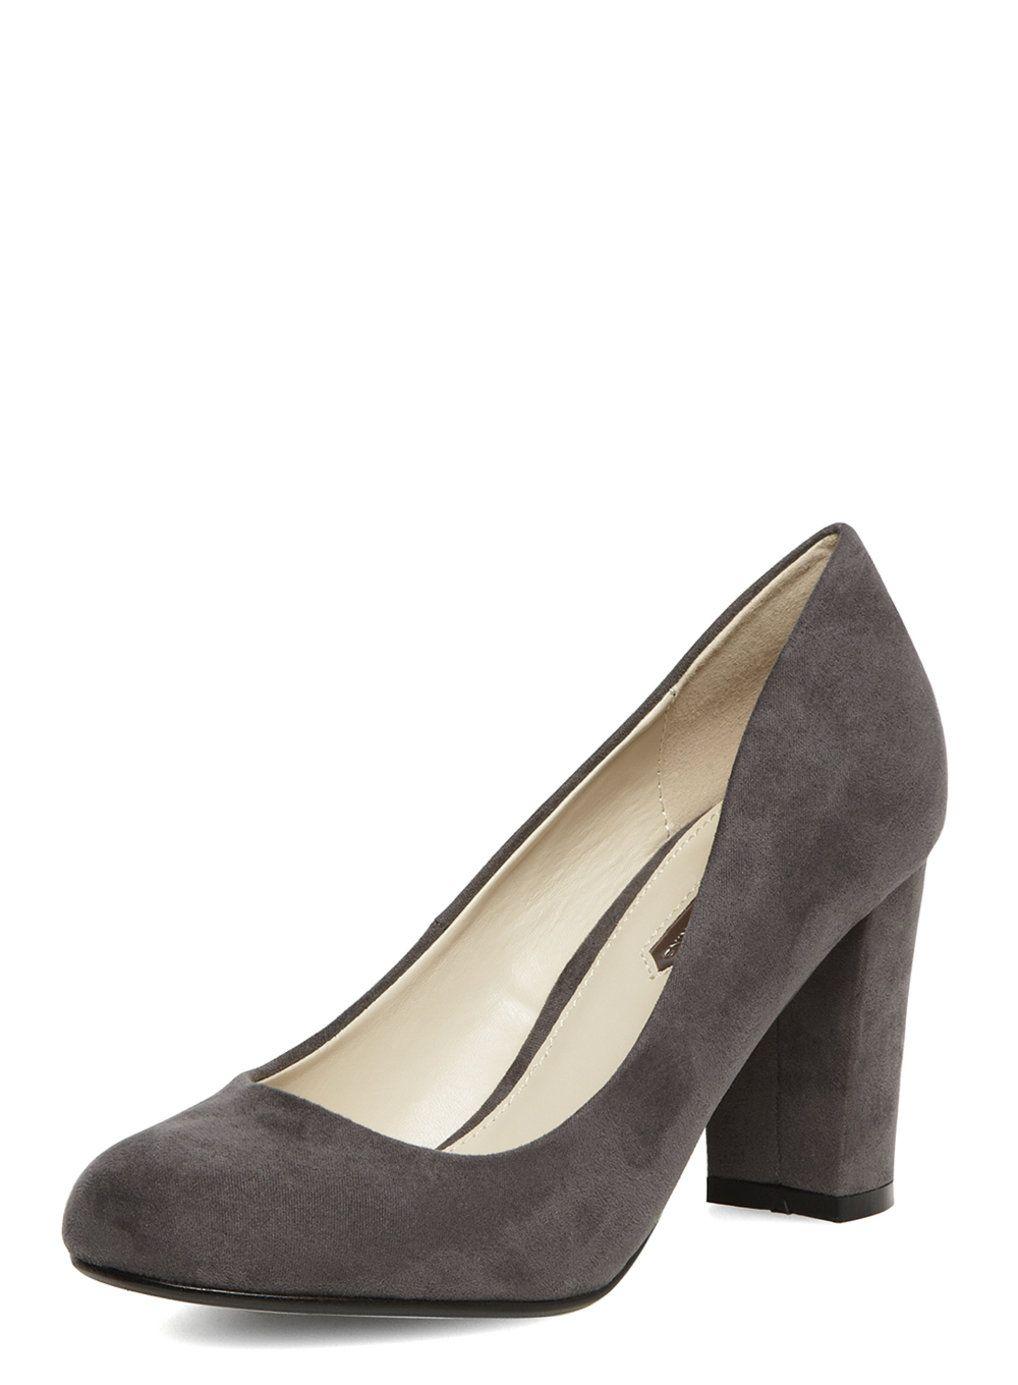 Dorothy Perkins Grey block heel court shoes £29